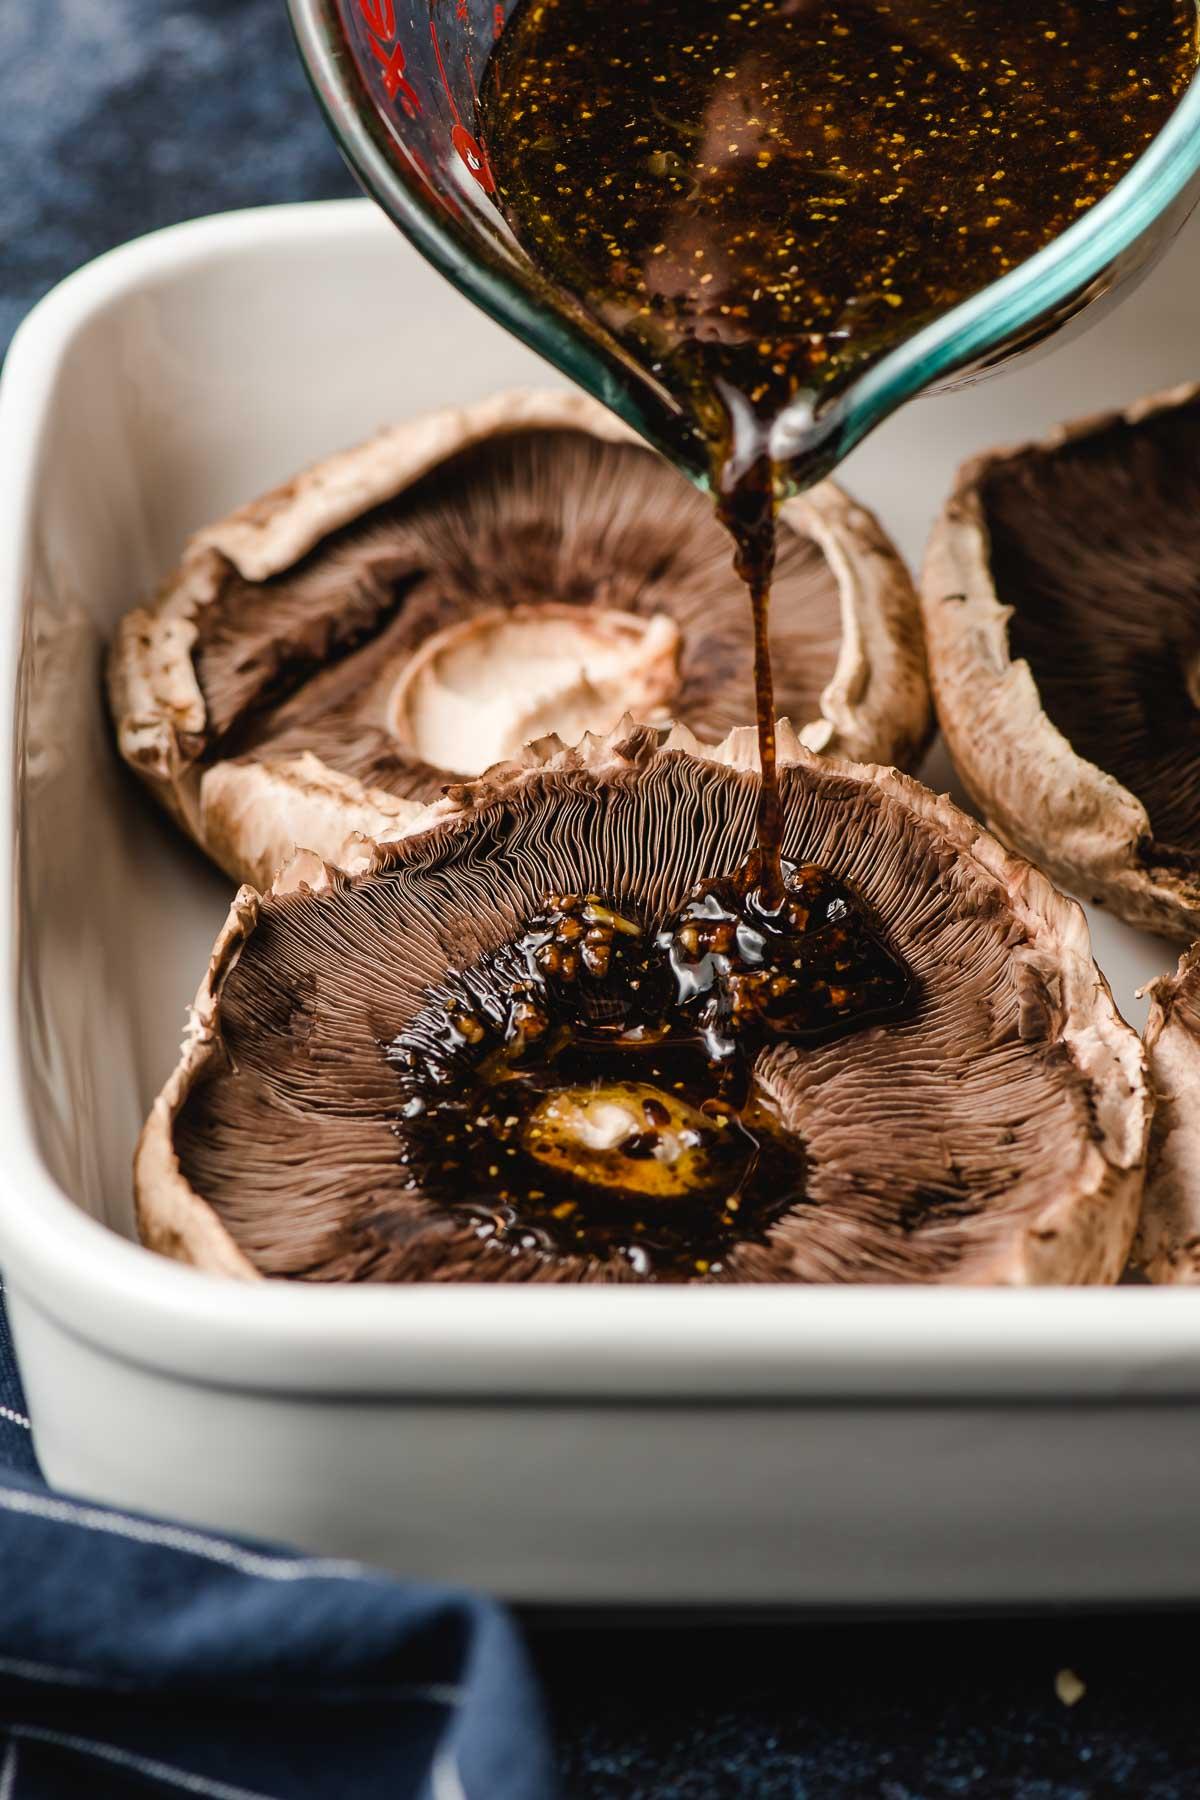 Balsamic marinade being poured onto a portobello mushroom.